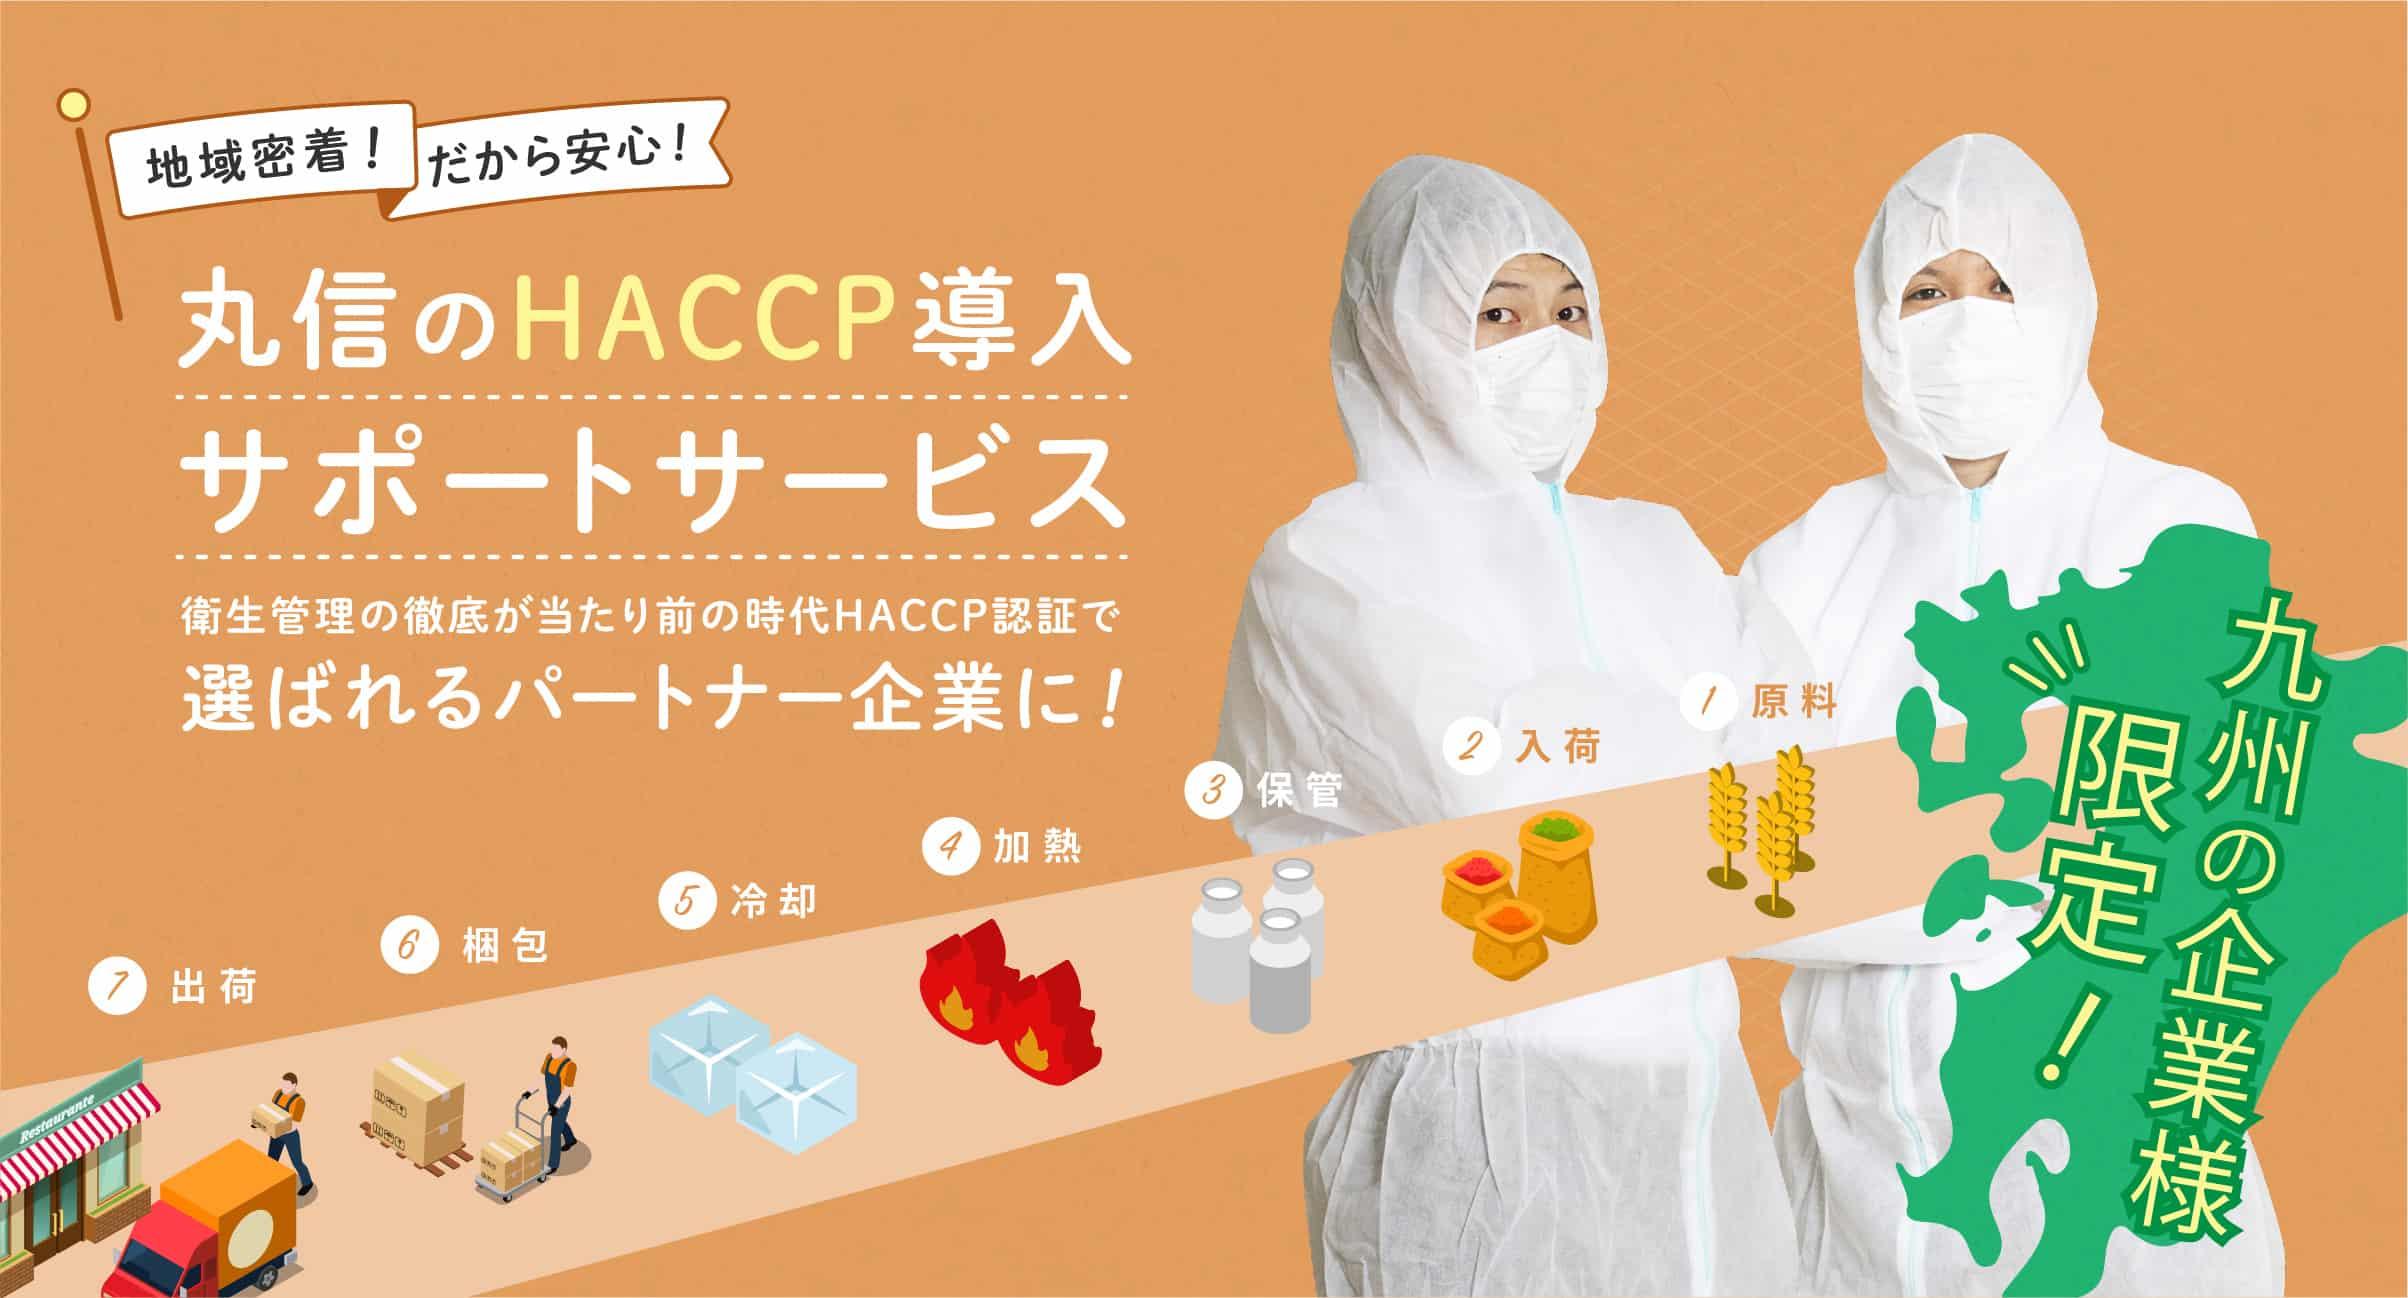 丸信のHACCP導入サポートサービス